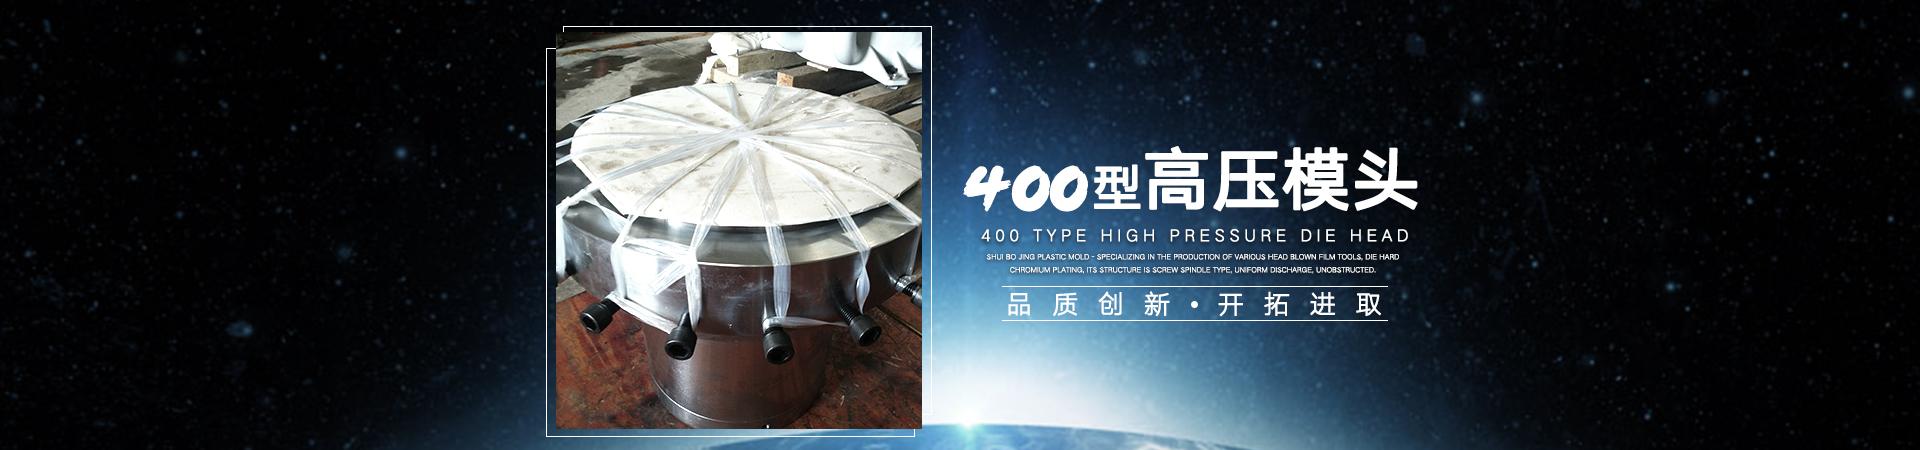 400型高压模头